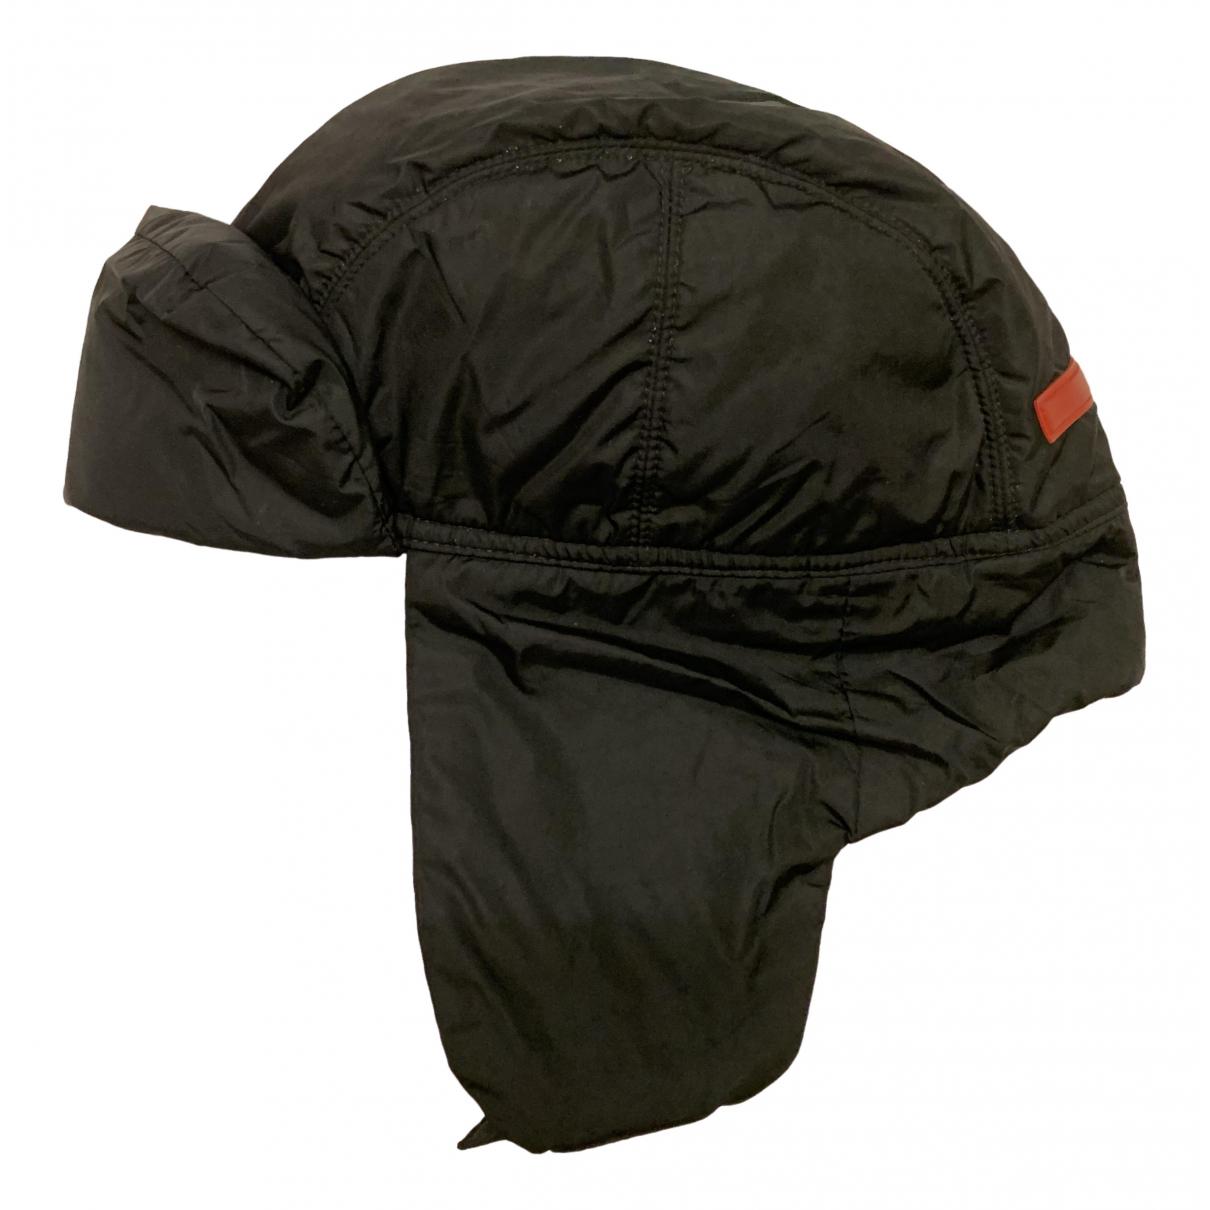 Prada \N Black hat & pull on hat for Men S International